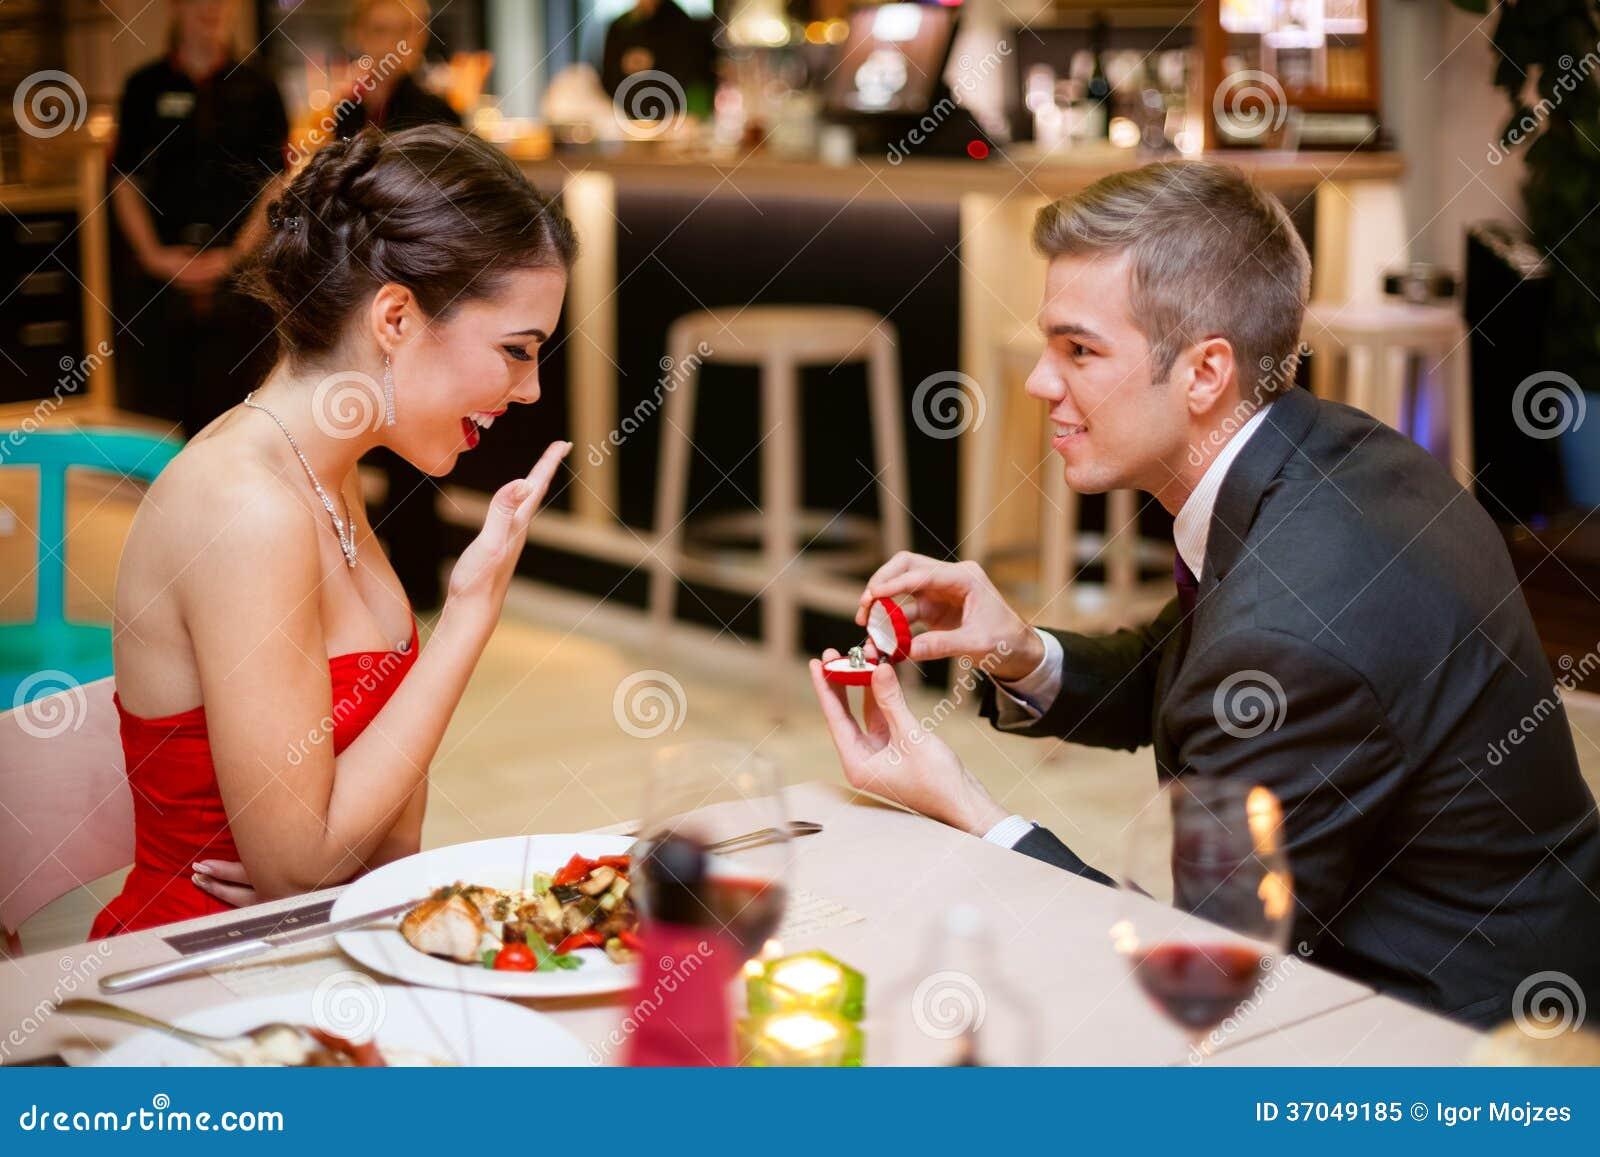 Romantically Proposing Stock Image. Image Of Celebration